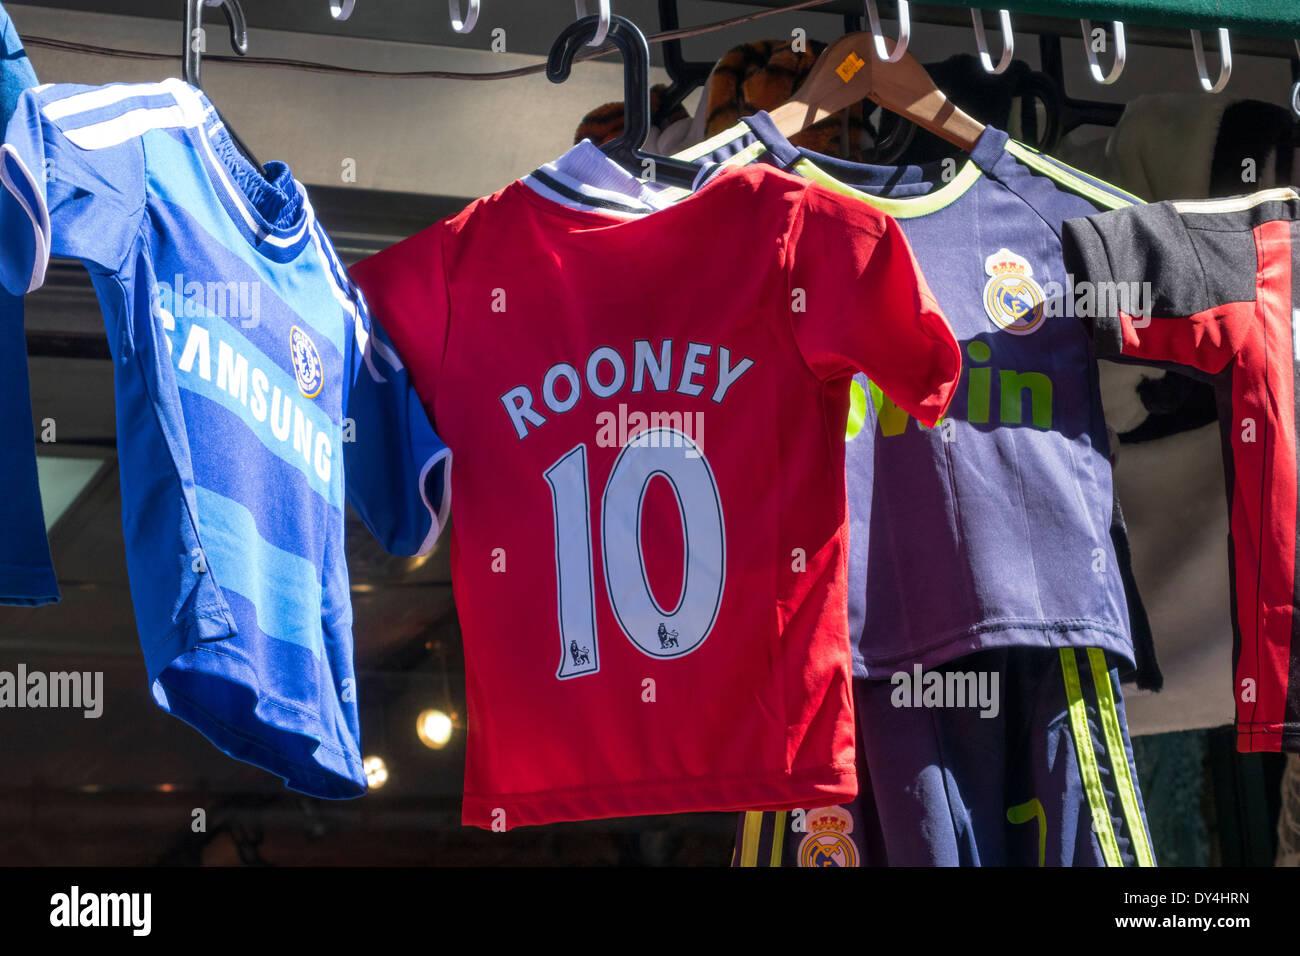 fa5bae55e28 Football Jersey Shirt Stock Photos & Football Jersey Shirt Stock ...